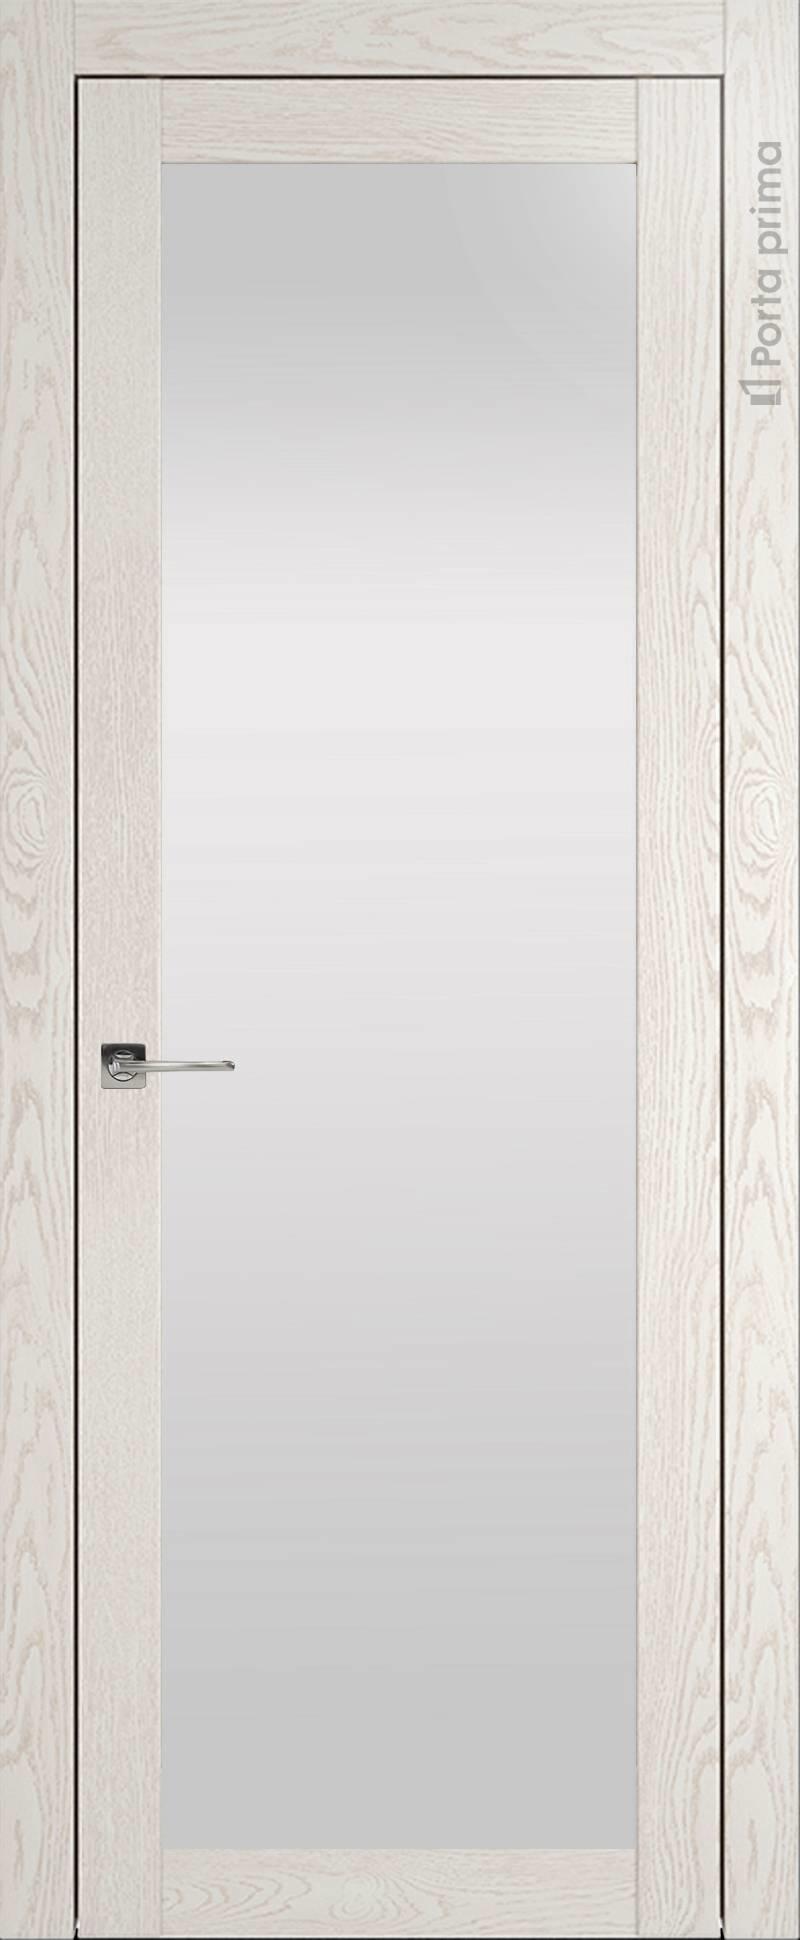 Tivoli З-1 цвет - Белый ясень (nano-flex) Со стеклом (ДО)